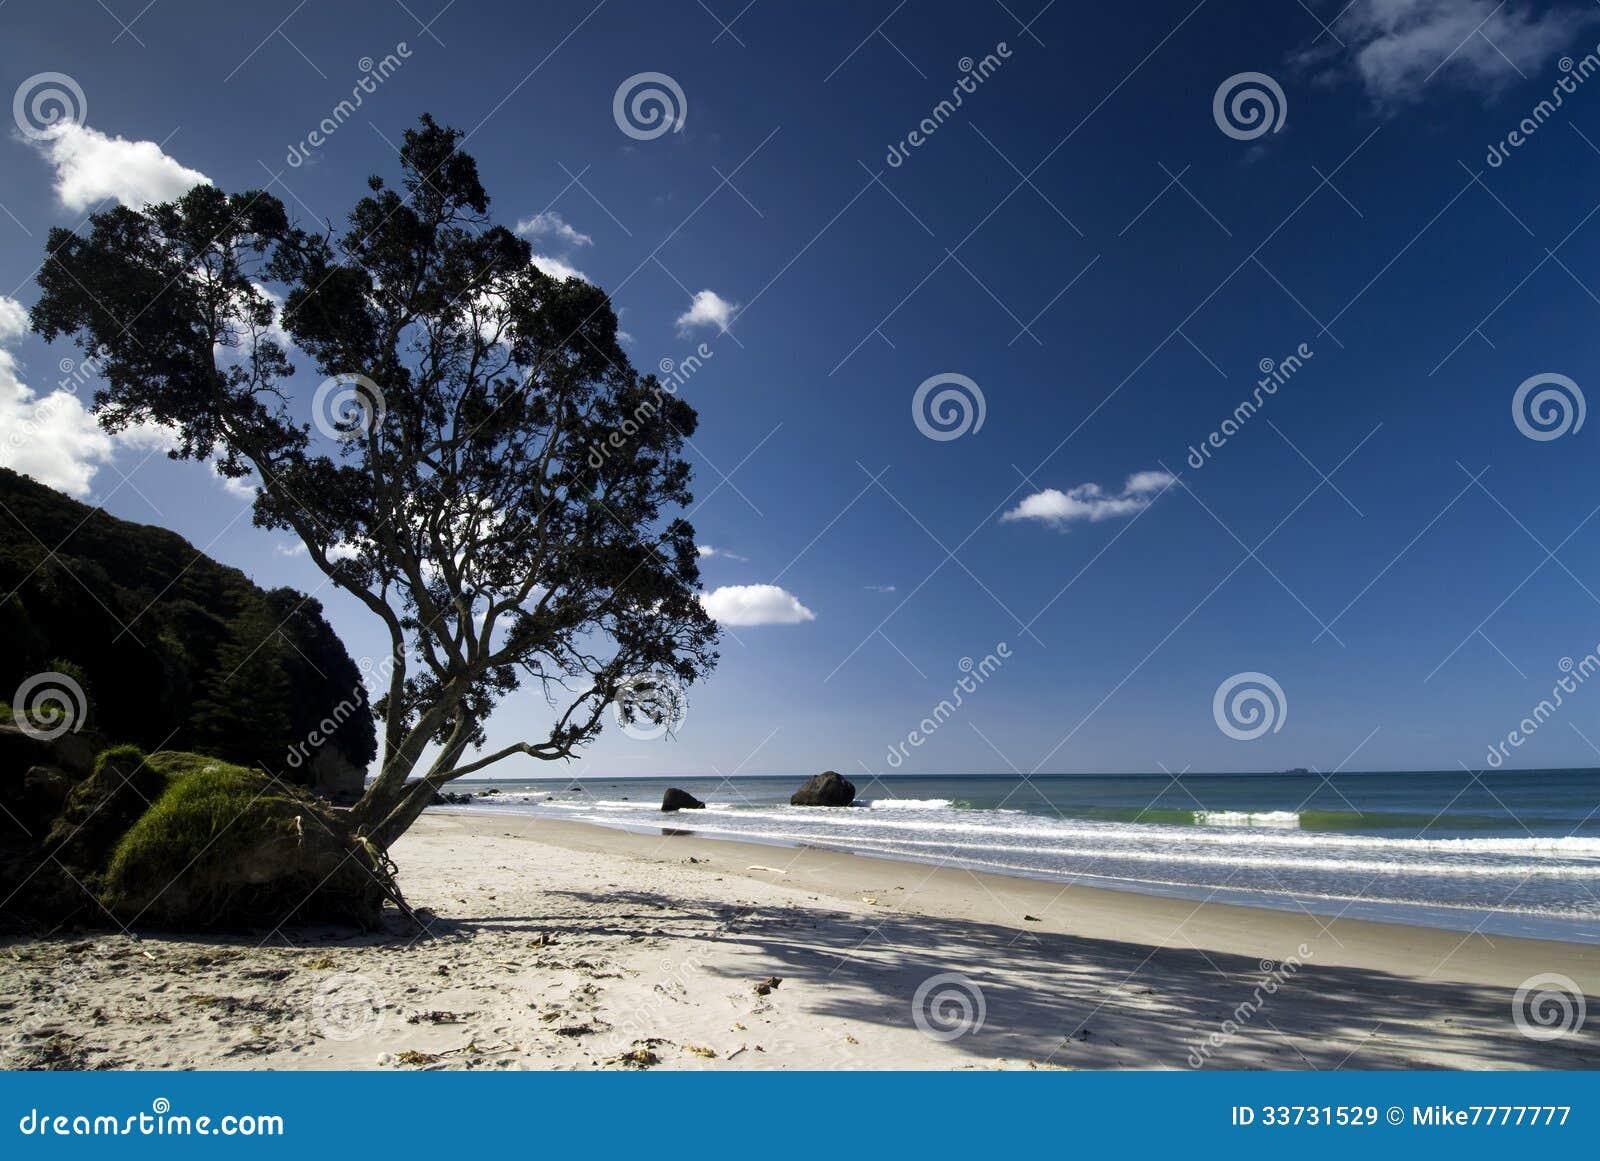 Дерево Pohutukawa на северном пляже острова, Новой Зеландии.